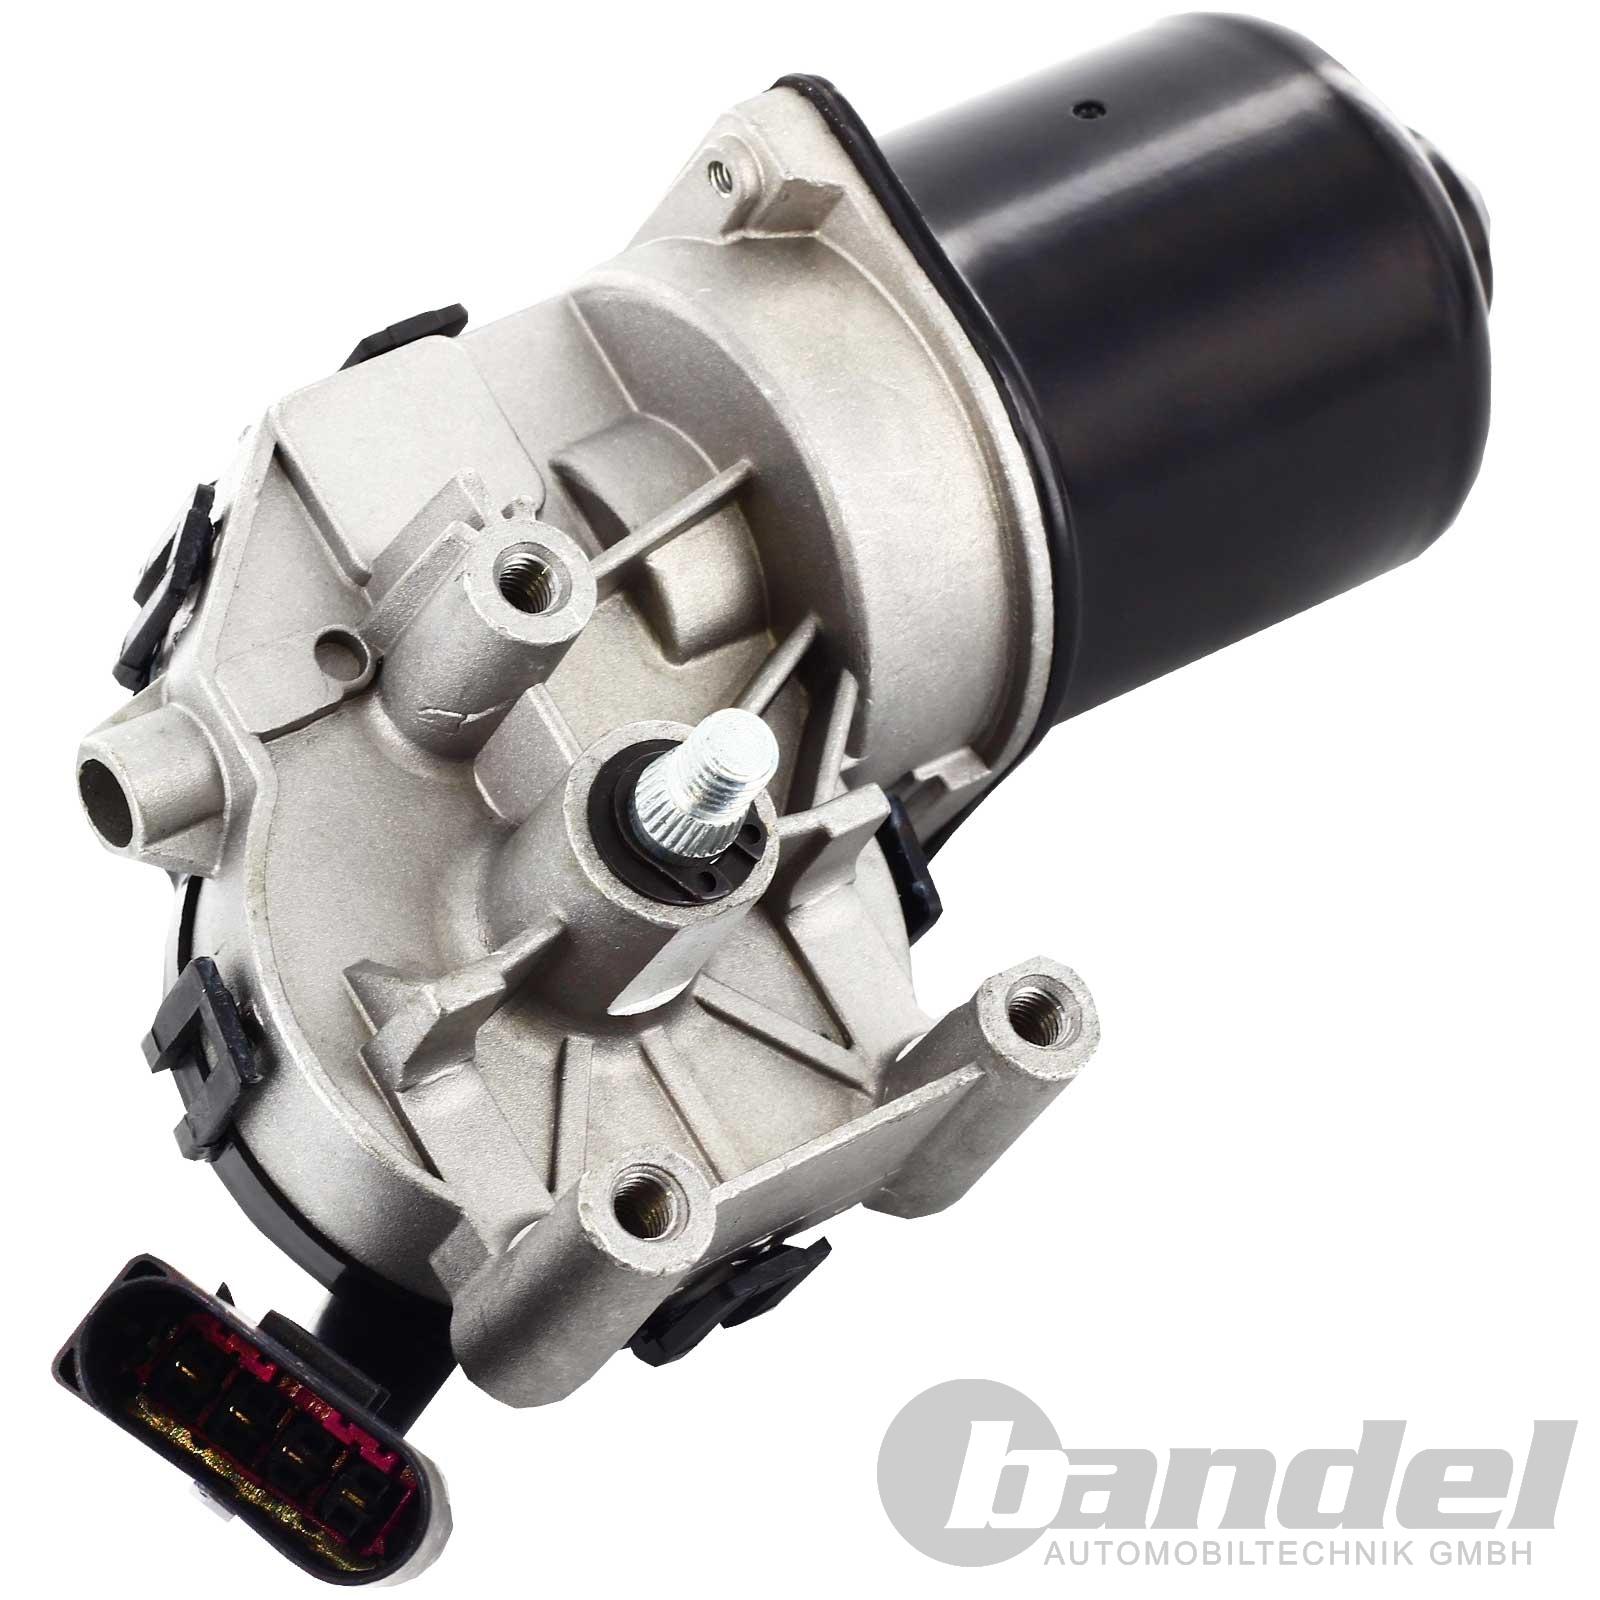 Audi a4 avant ebay motors 18